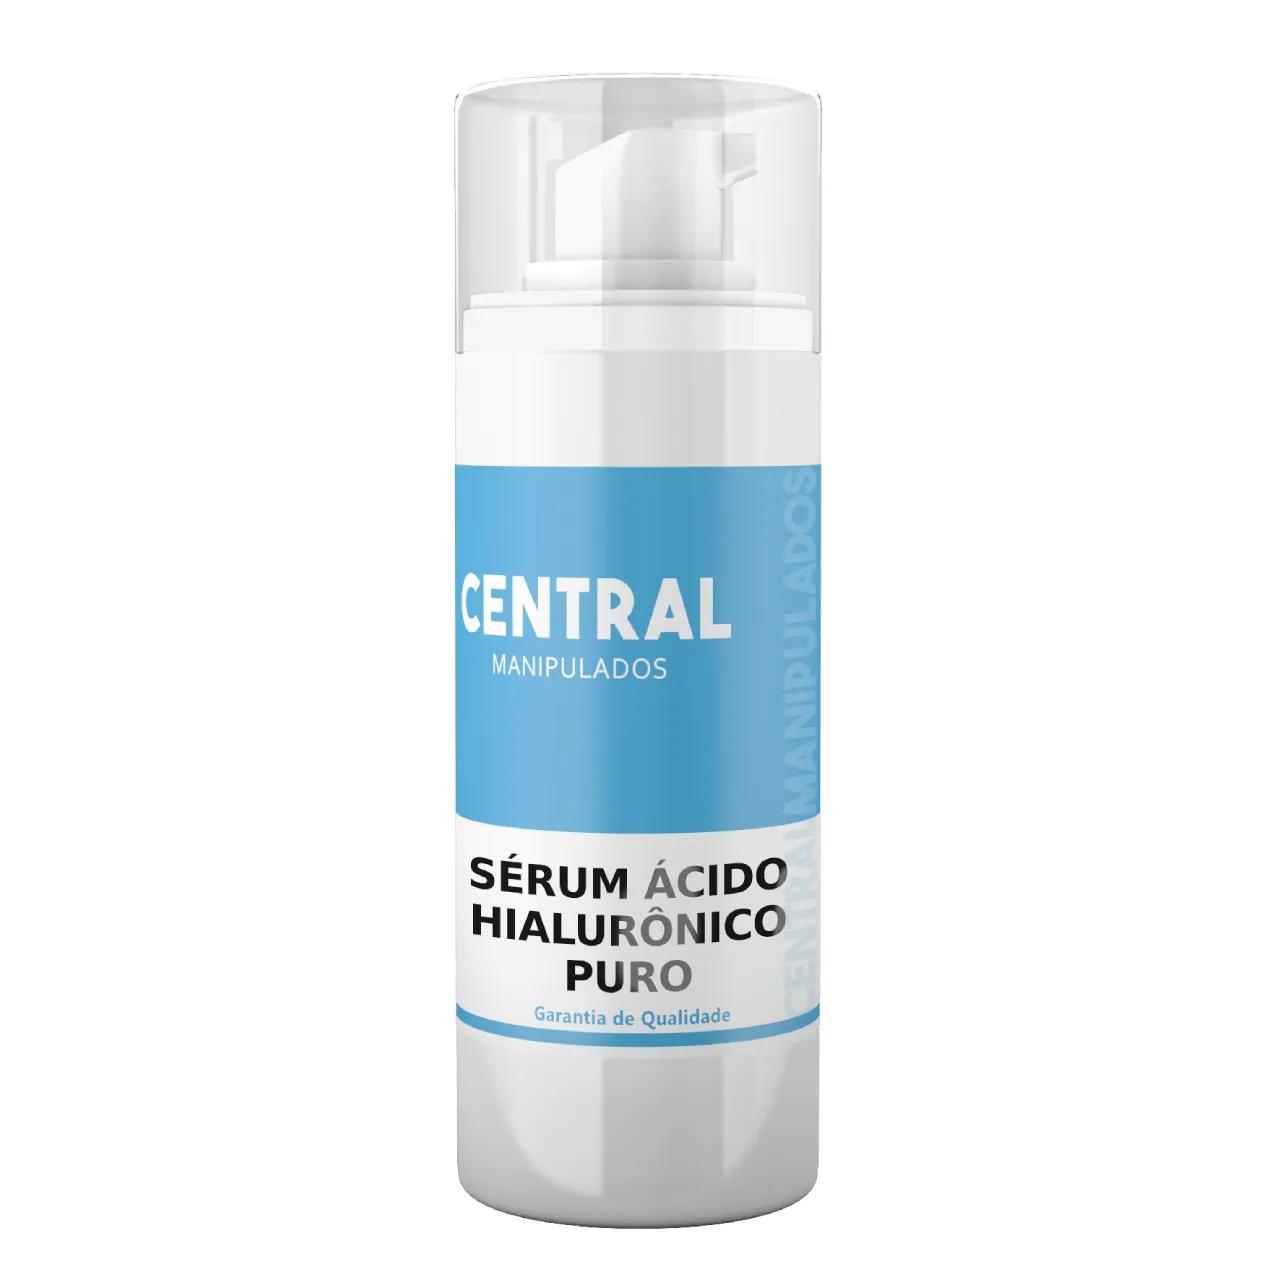 Sérum Ácido Hialurônico 30ml - Diminuição dos sinais do envelhecimento, Hidratação Cutânea